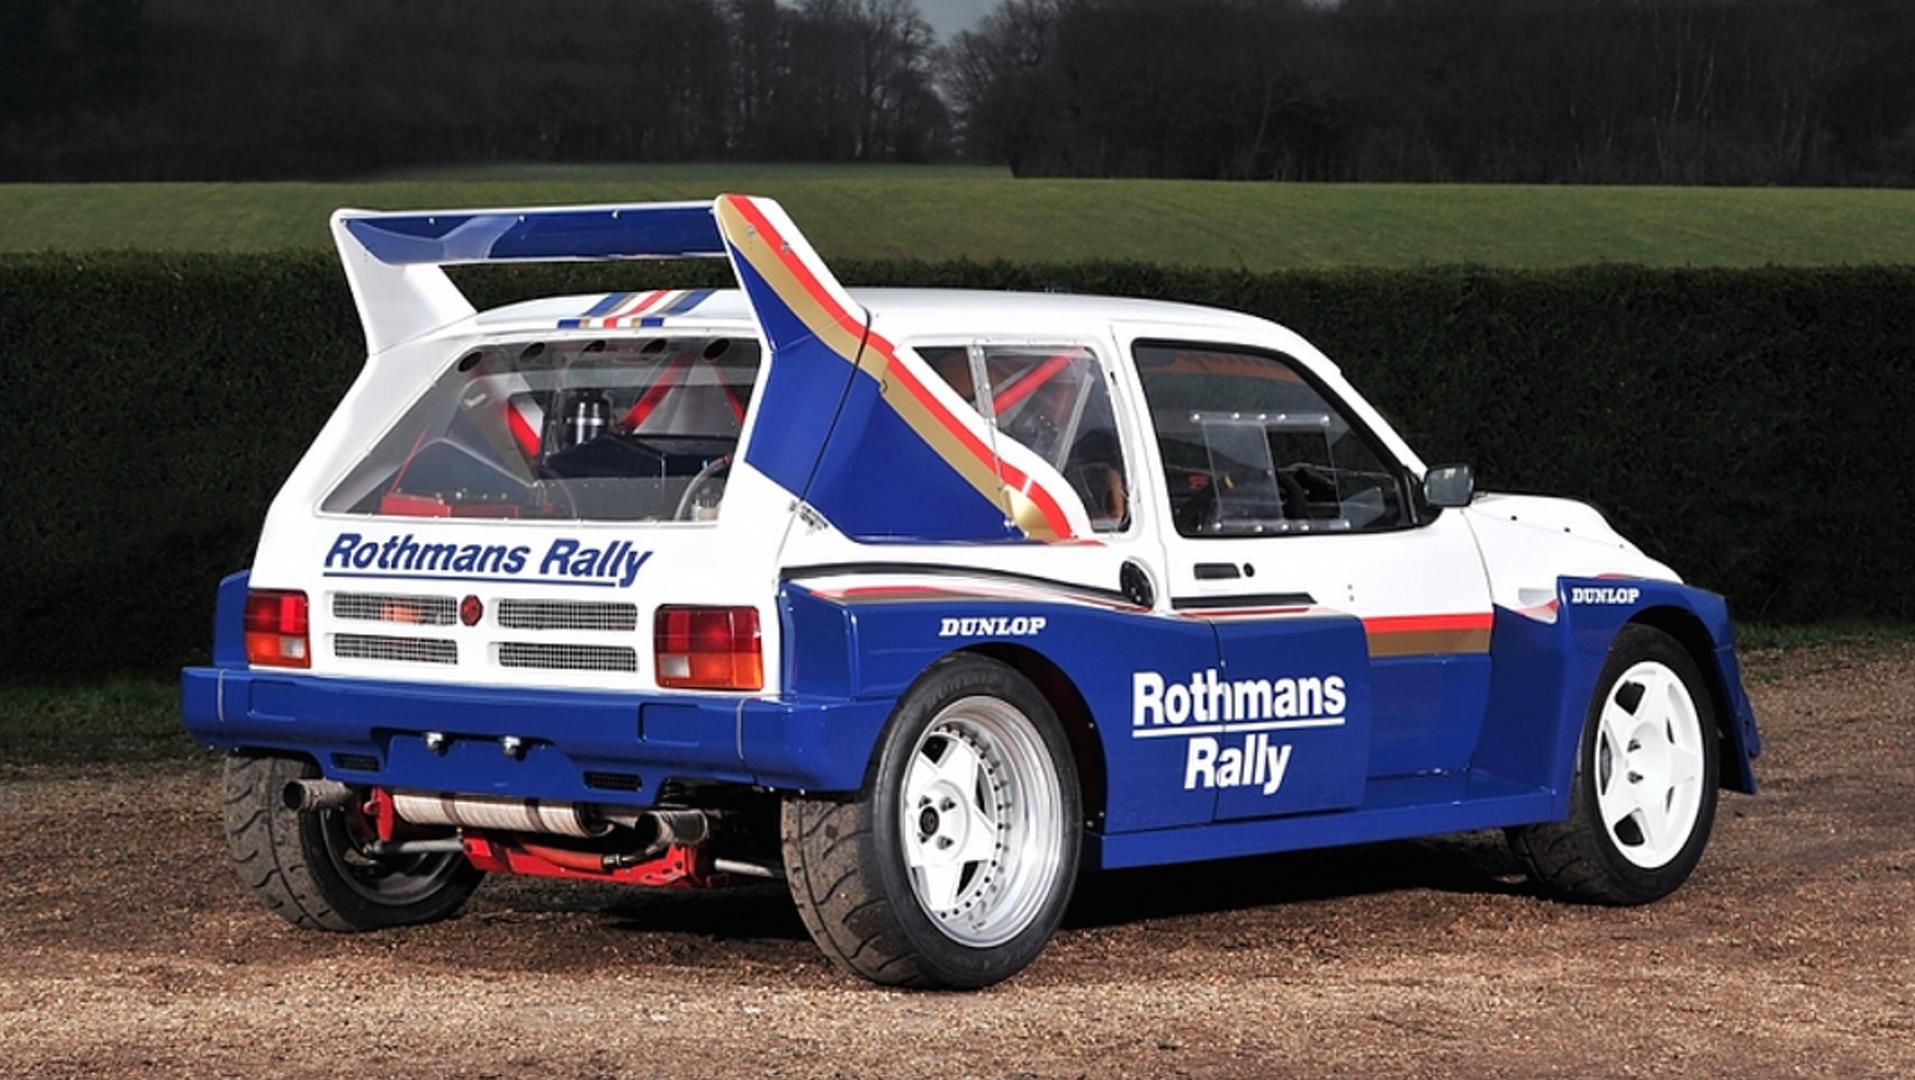 1985 MG Metro Group B rally car needs a new driver